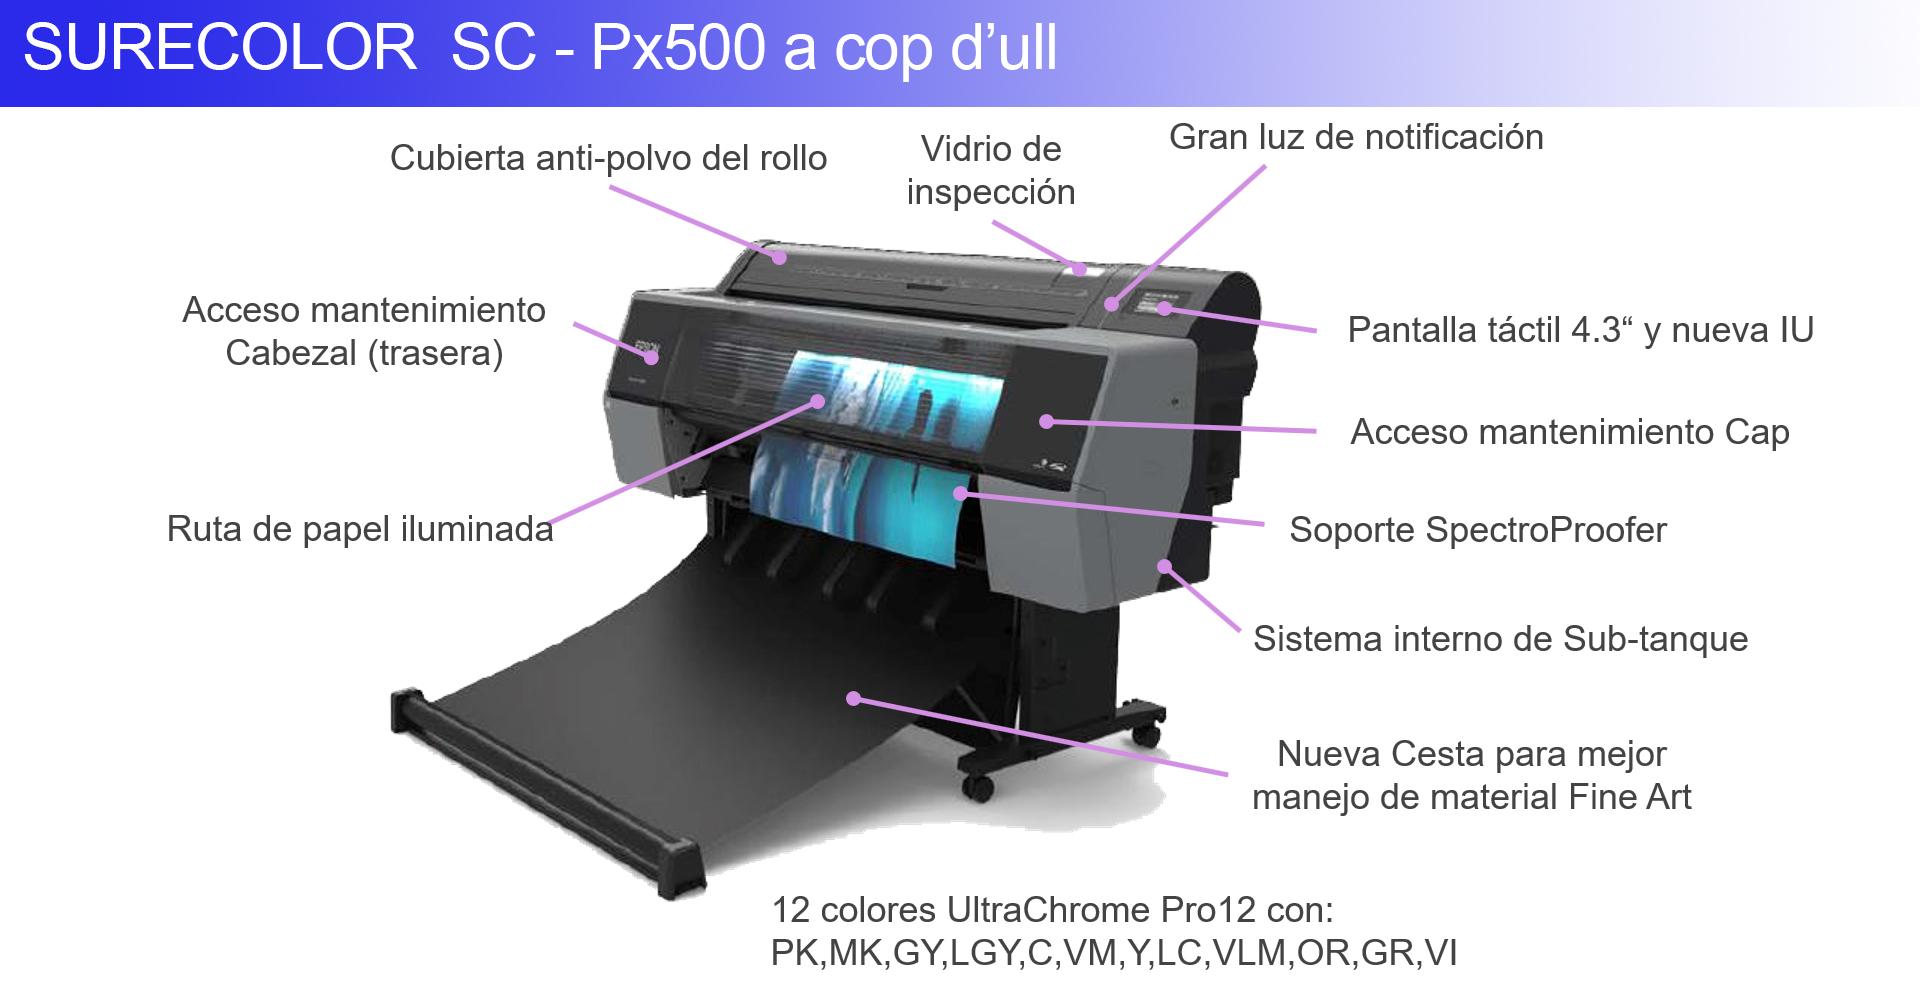 Surecolor SC-P9500 a cop d'ull